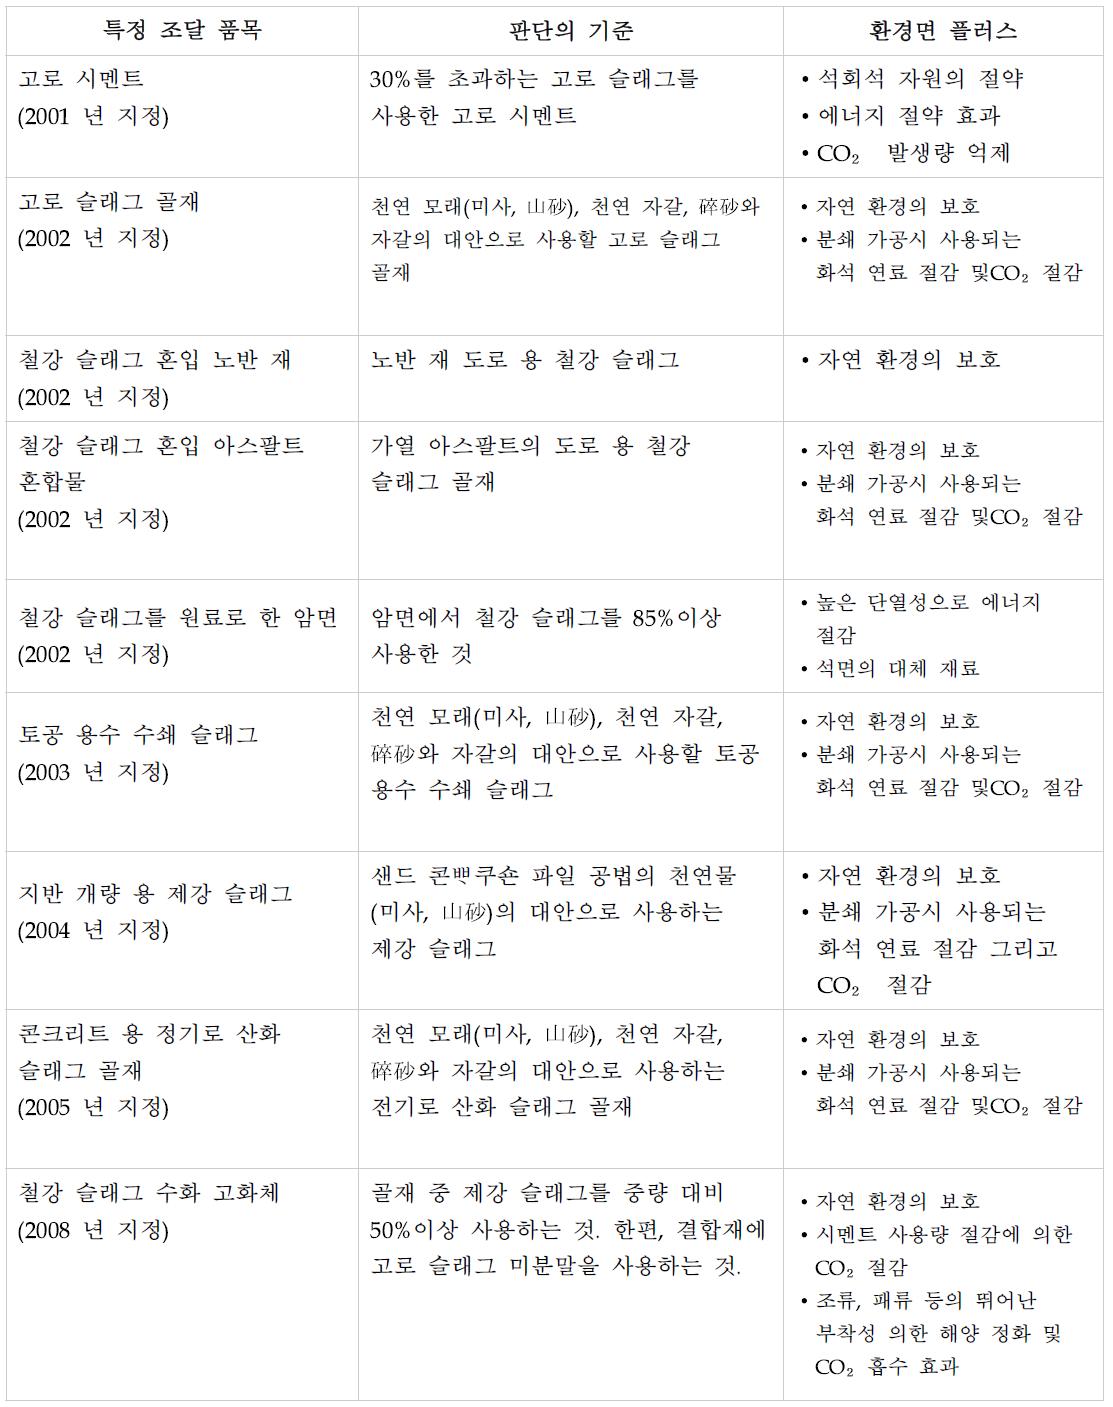 철강 슬래그 제품과 관련된 그린구매법 제품 목록